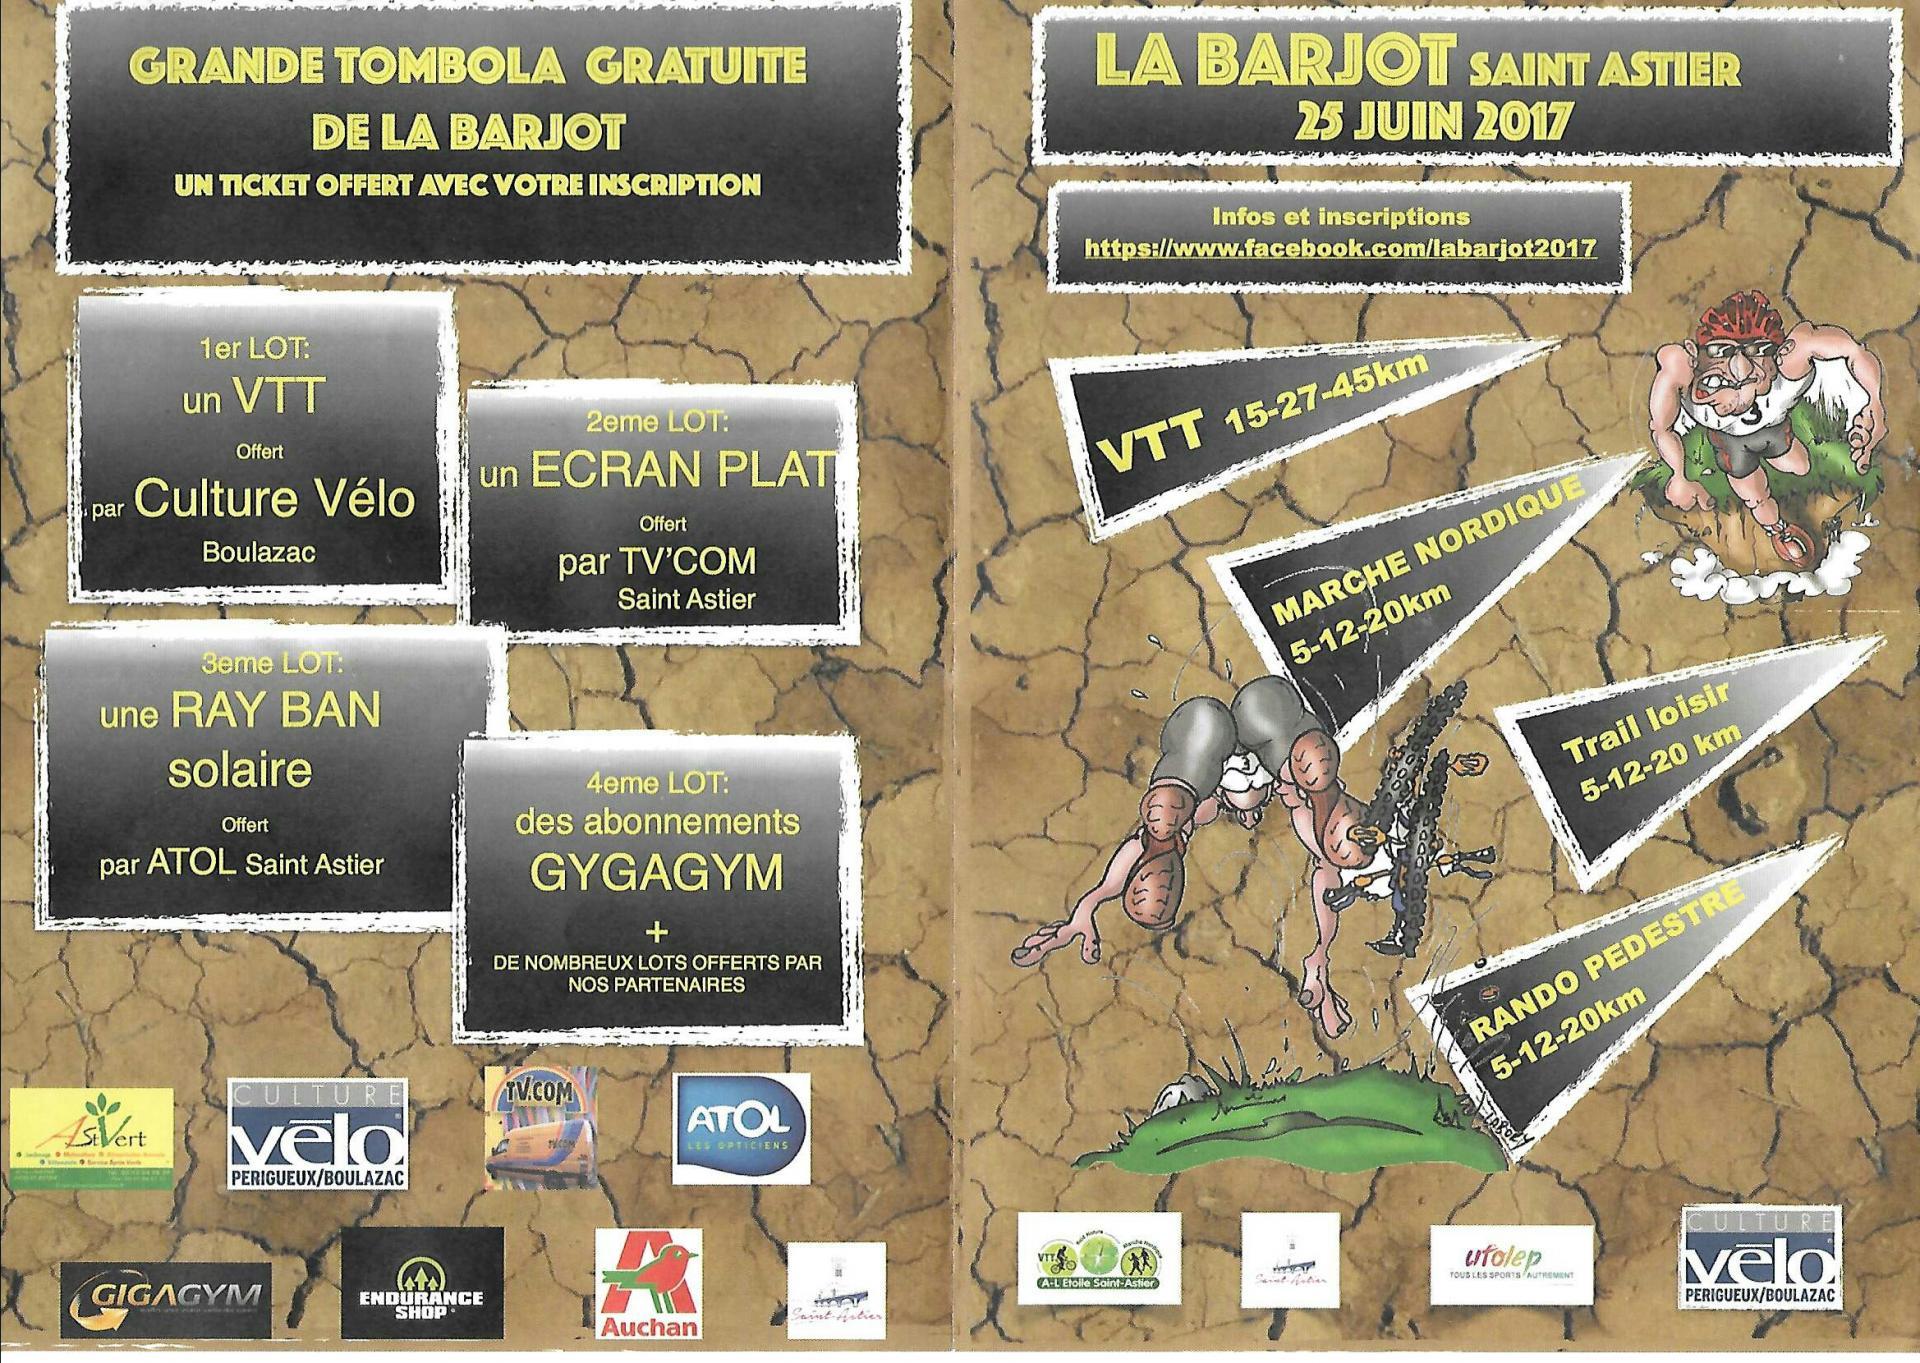 La barjot 2017 page 1